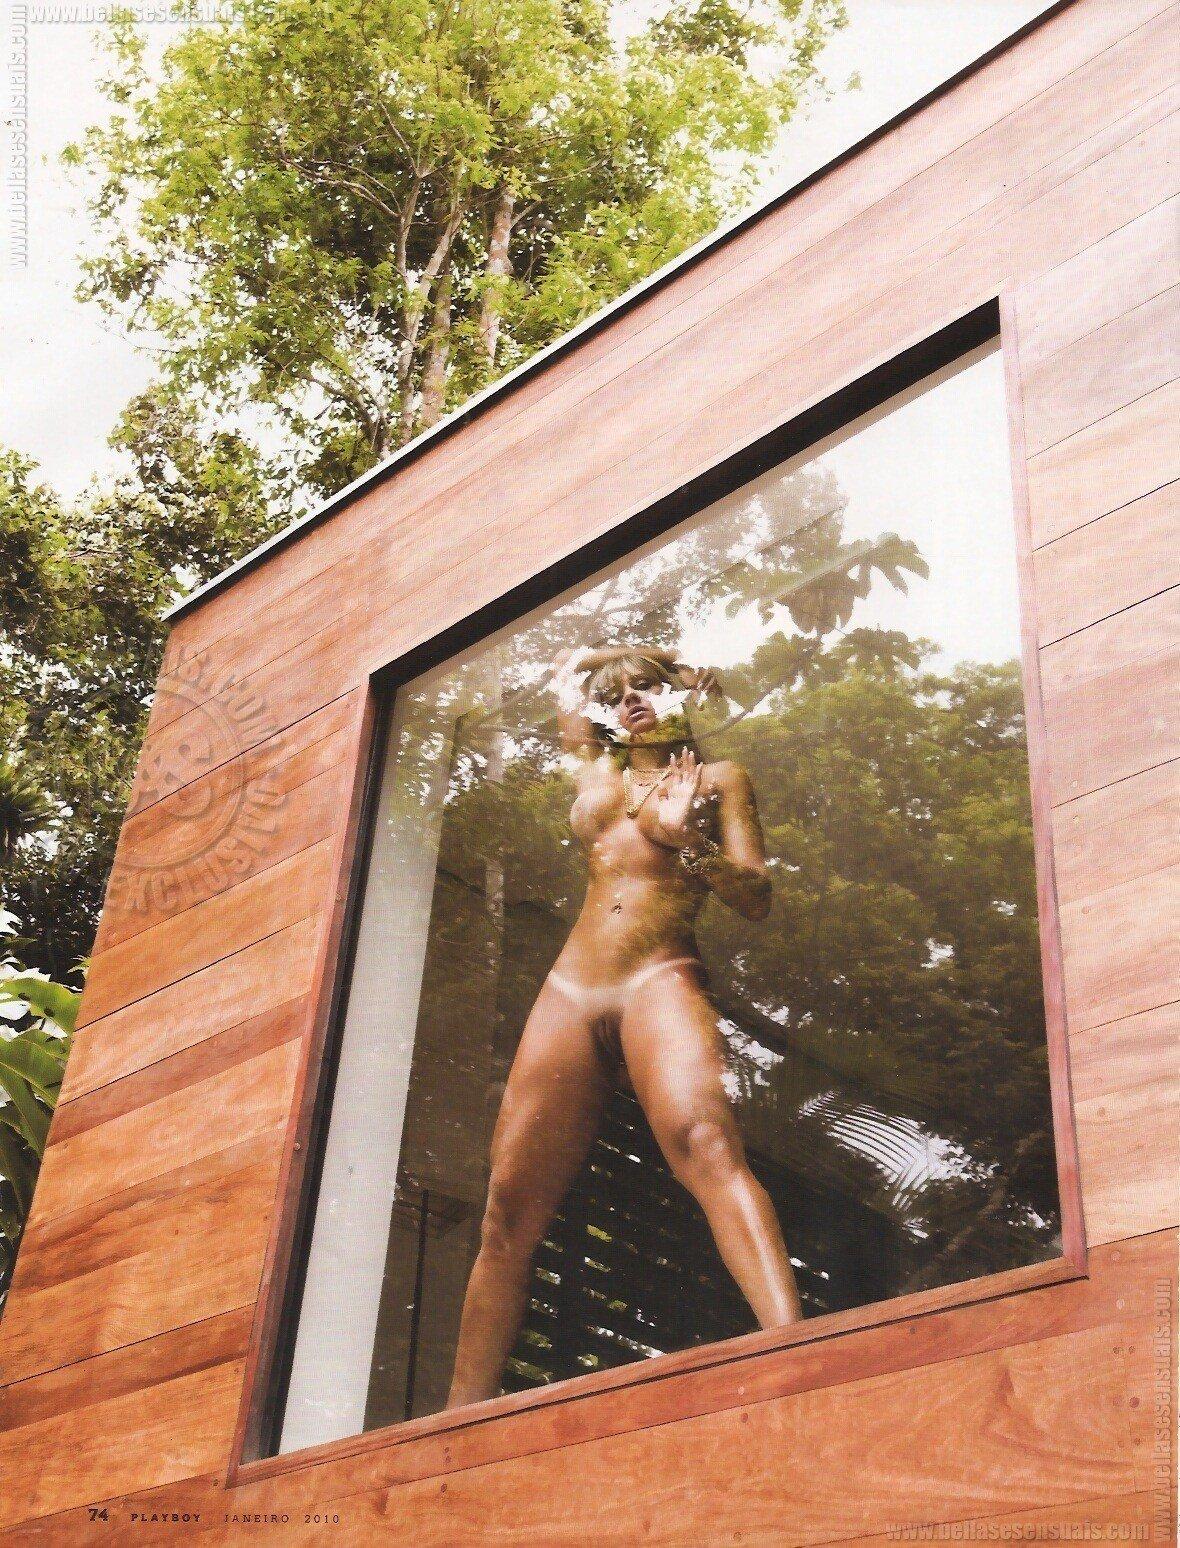 Fotos Playboy Panicat Juju Salimeni Janeiro (11)